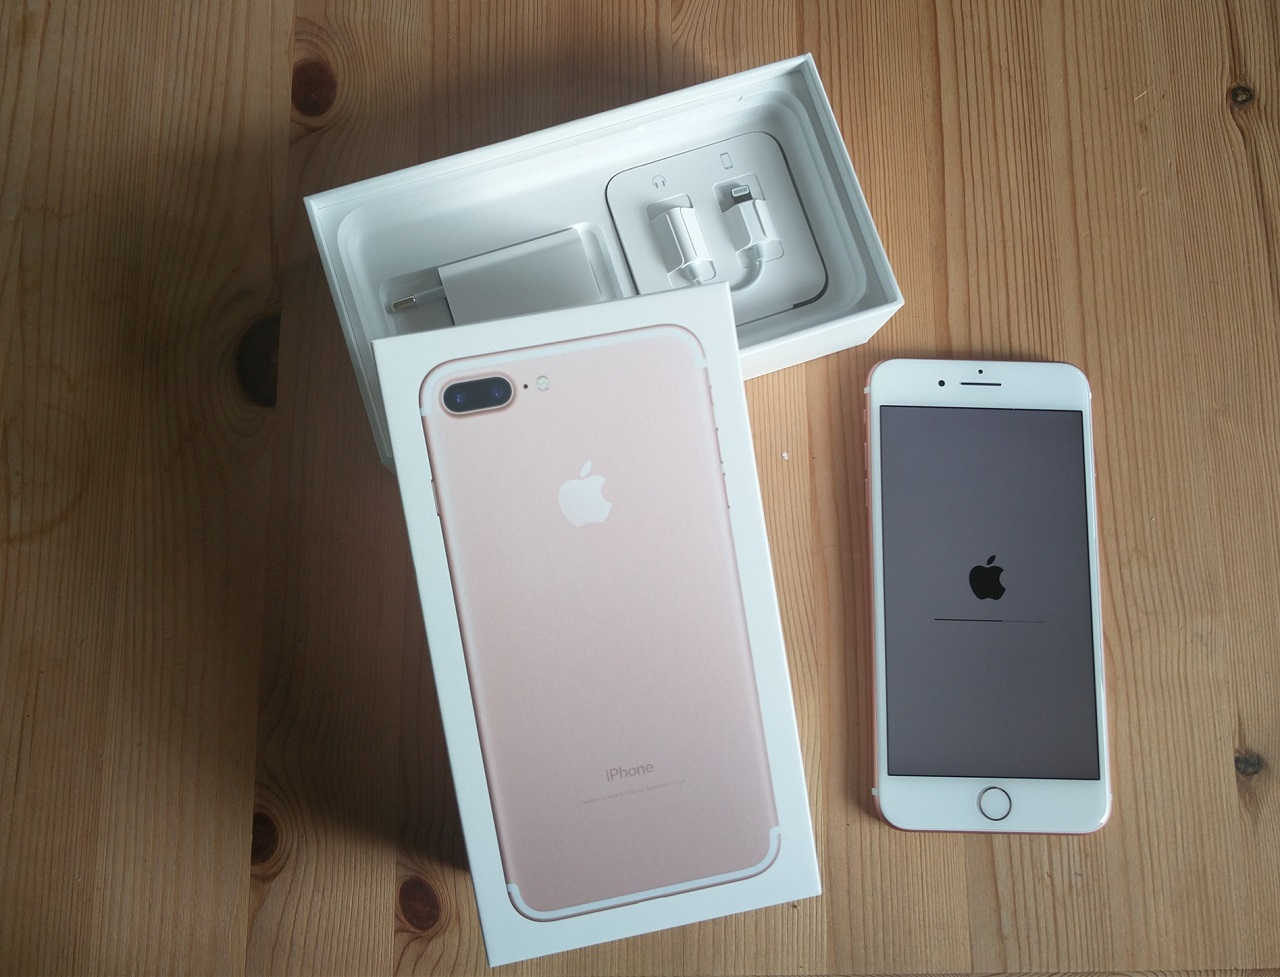 apple iphone 7 und 7 plus live test plus modell eingetroffen test kann beginnen. Black Bedroom Furniture Sets. Home Design Ideas